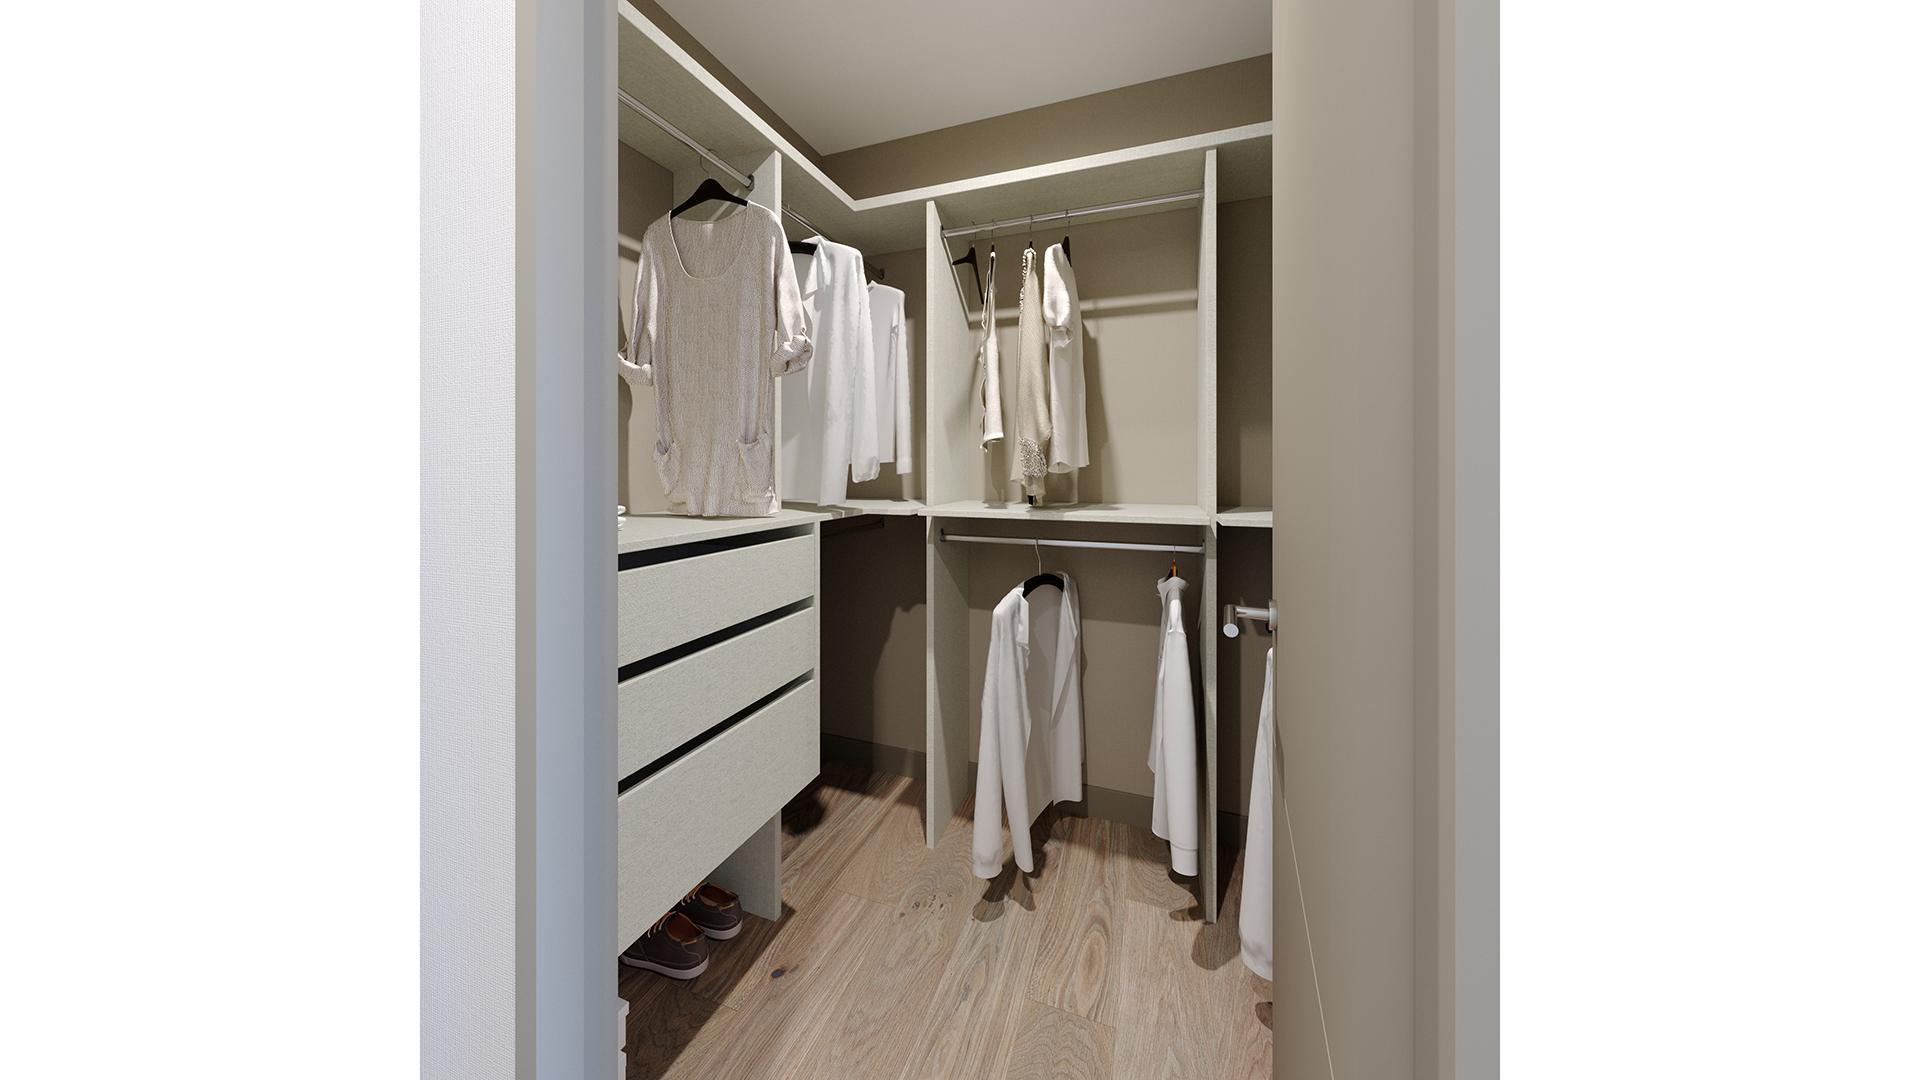 Dptod closet